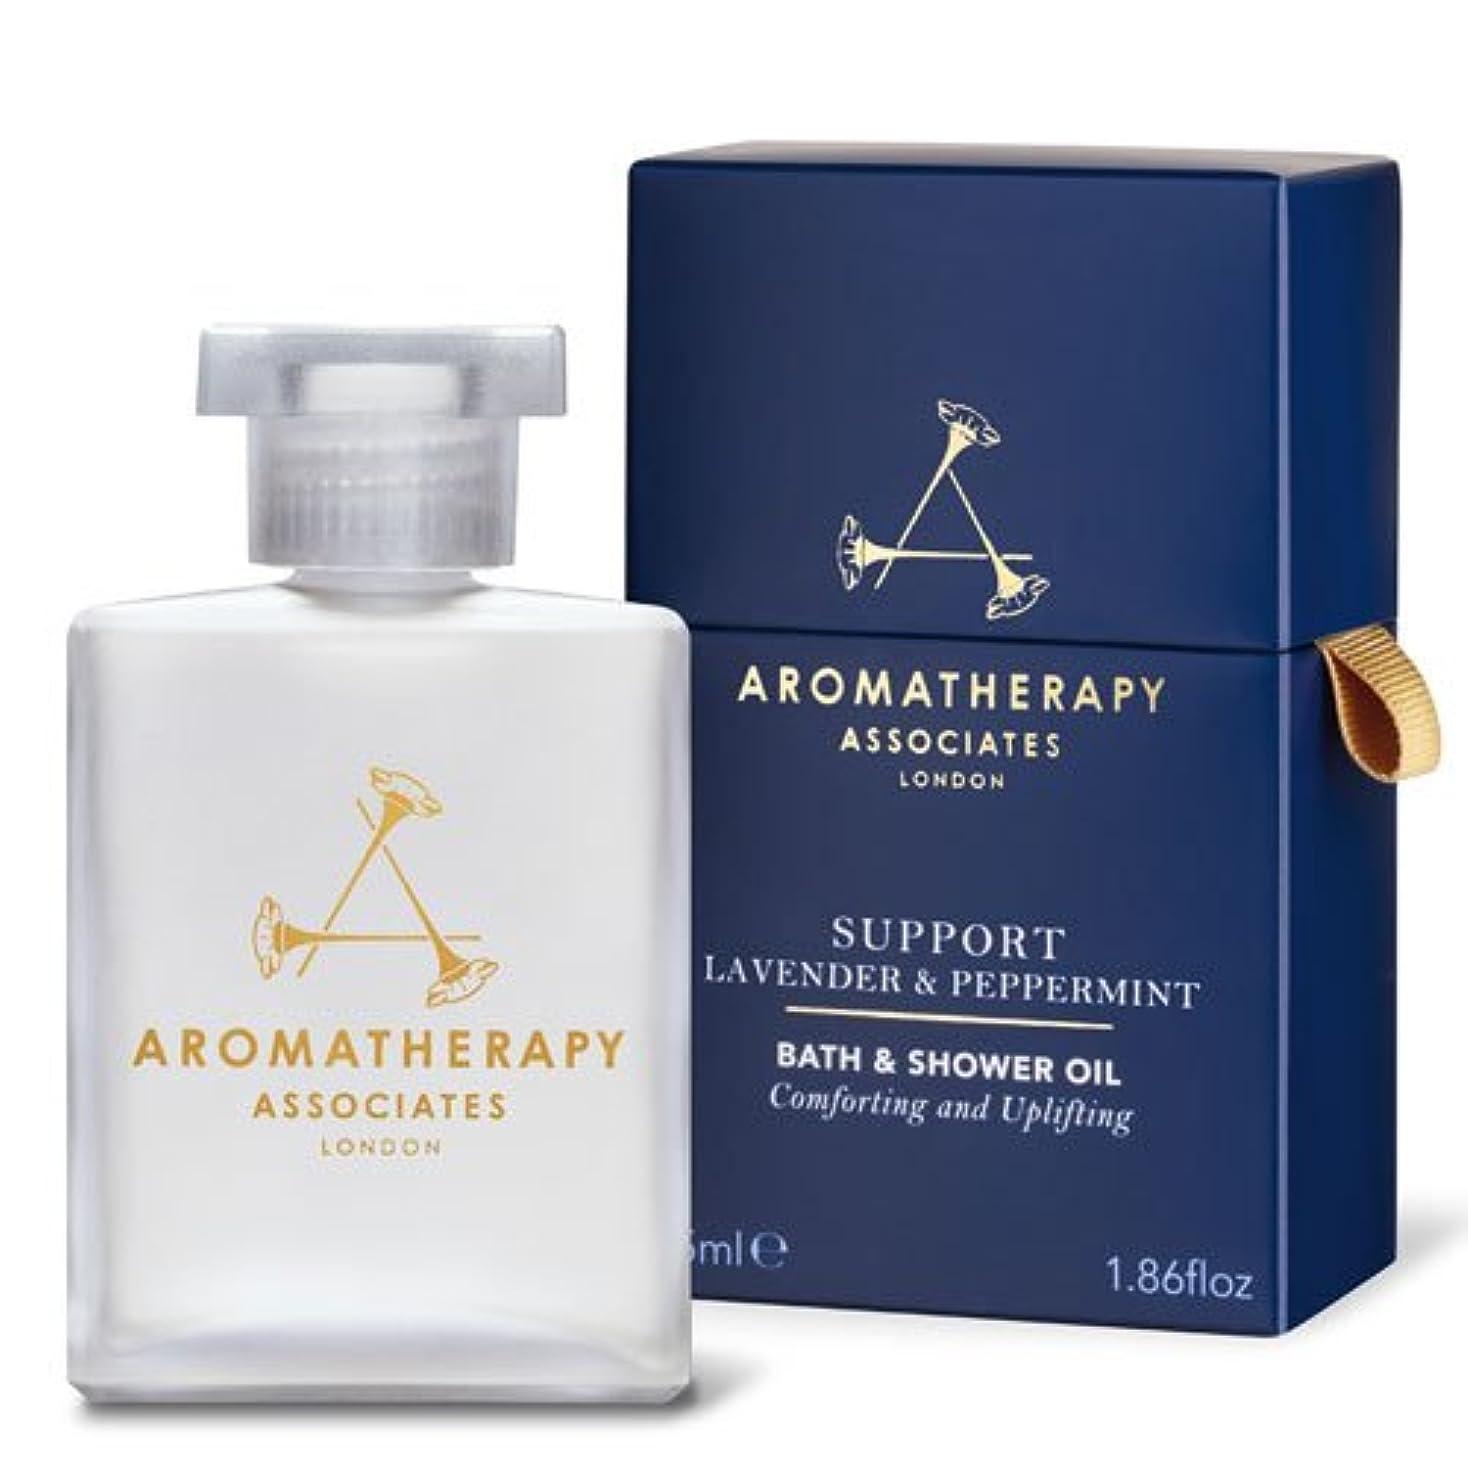 魅力的あからさまベールアロマセラピー アソシエイツ Support - Lavender & Peppermint Bath & Shower Oil 55ml/1.86oz